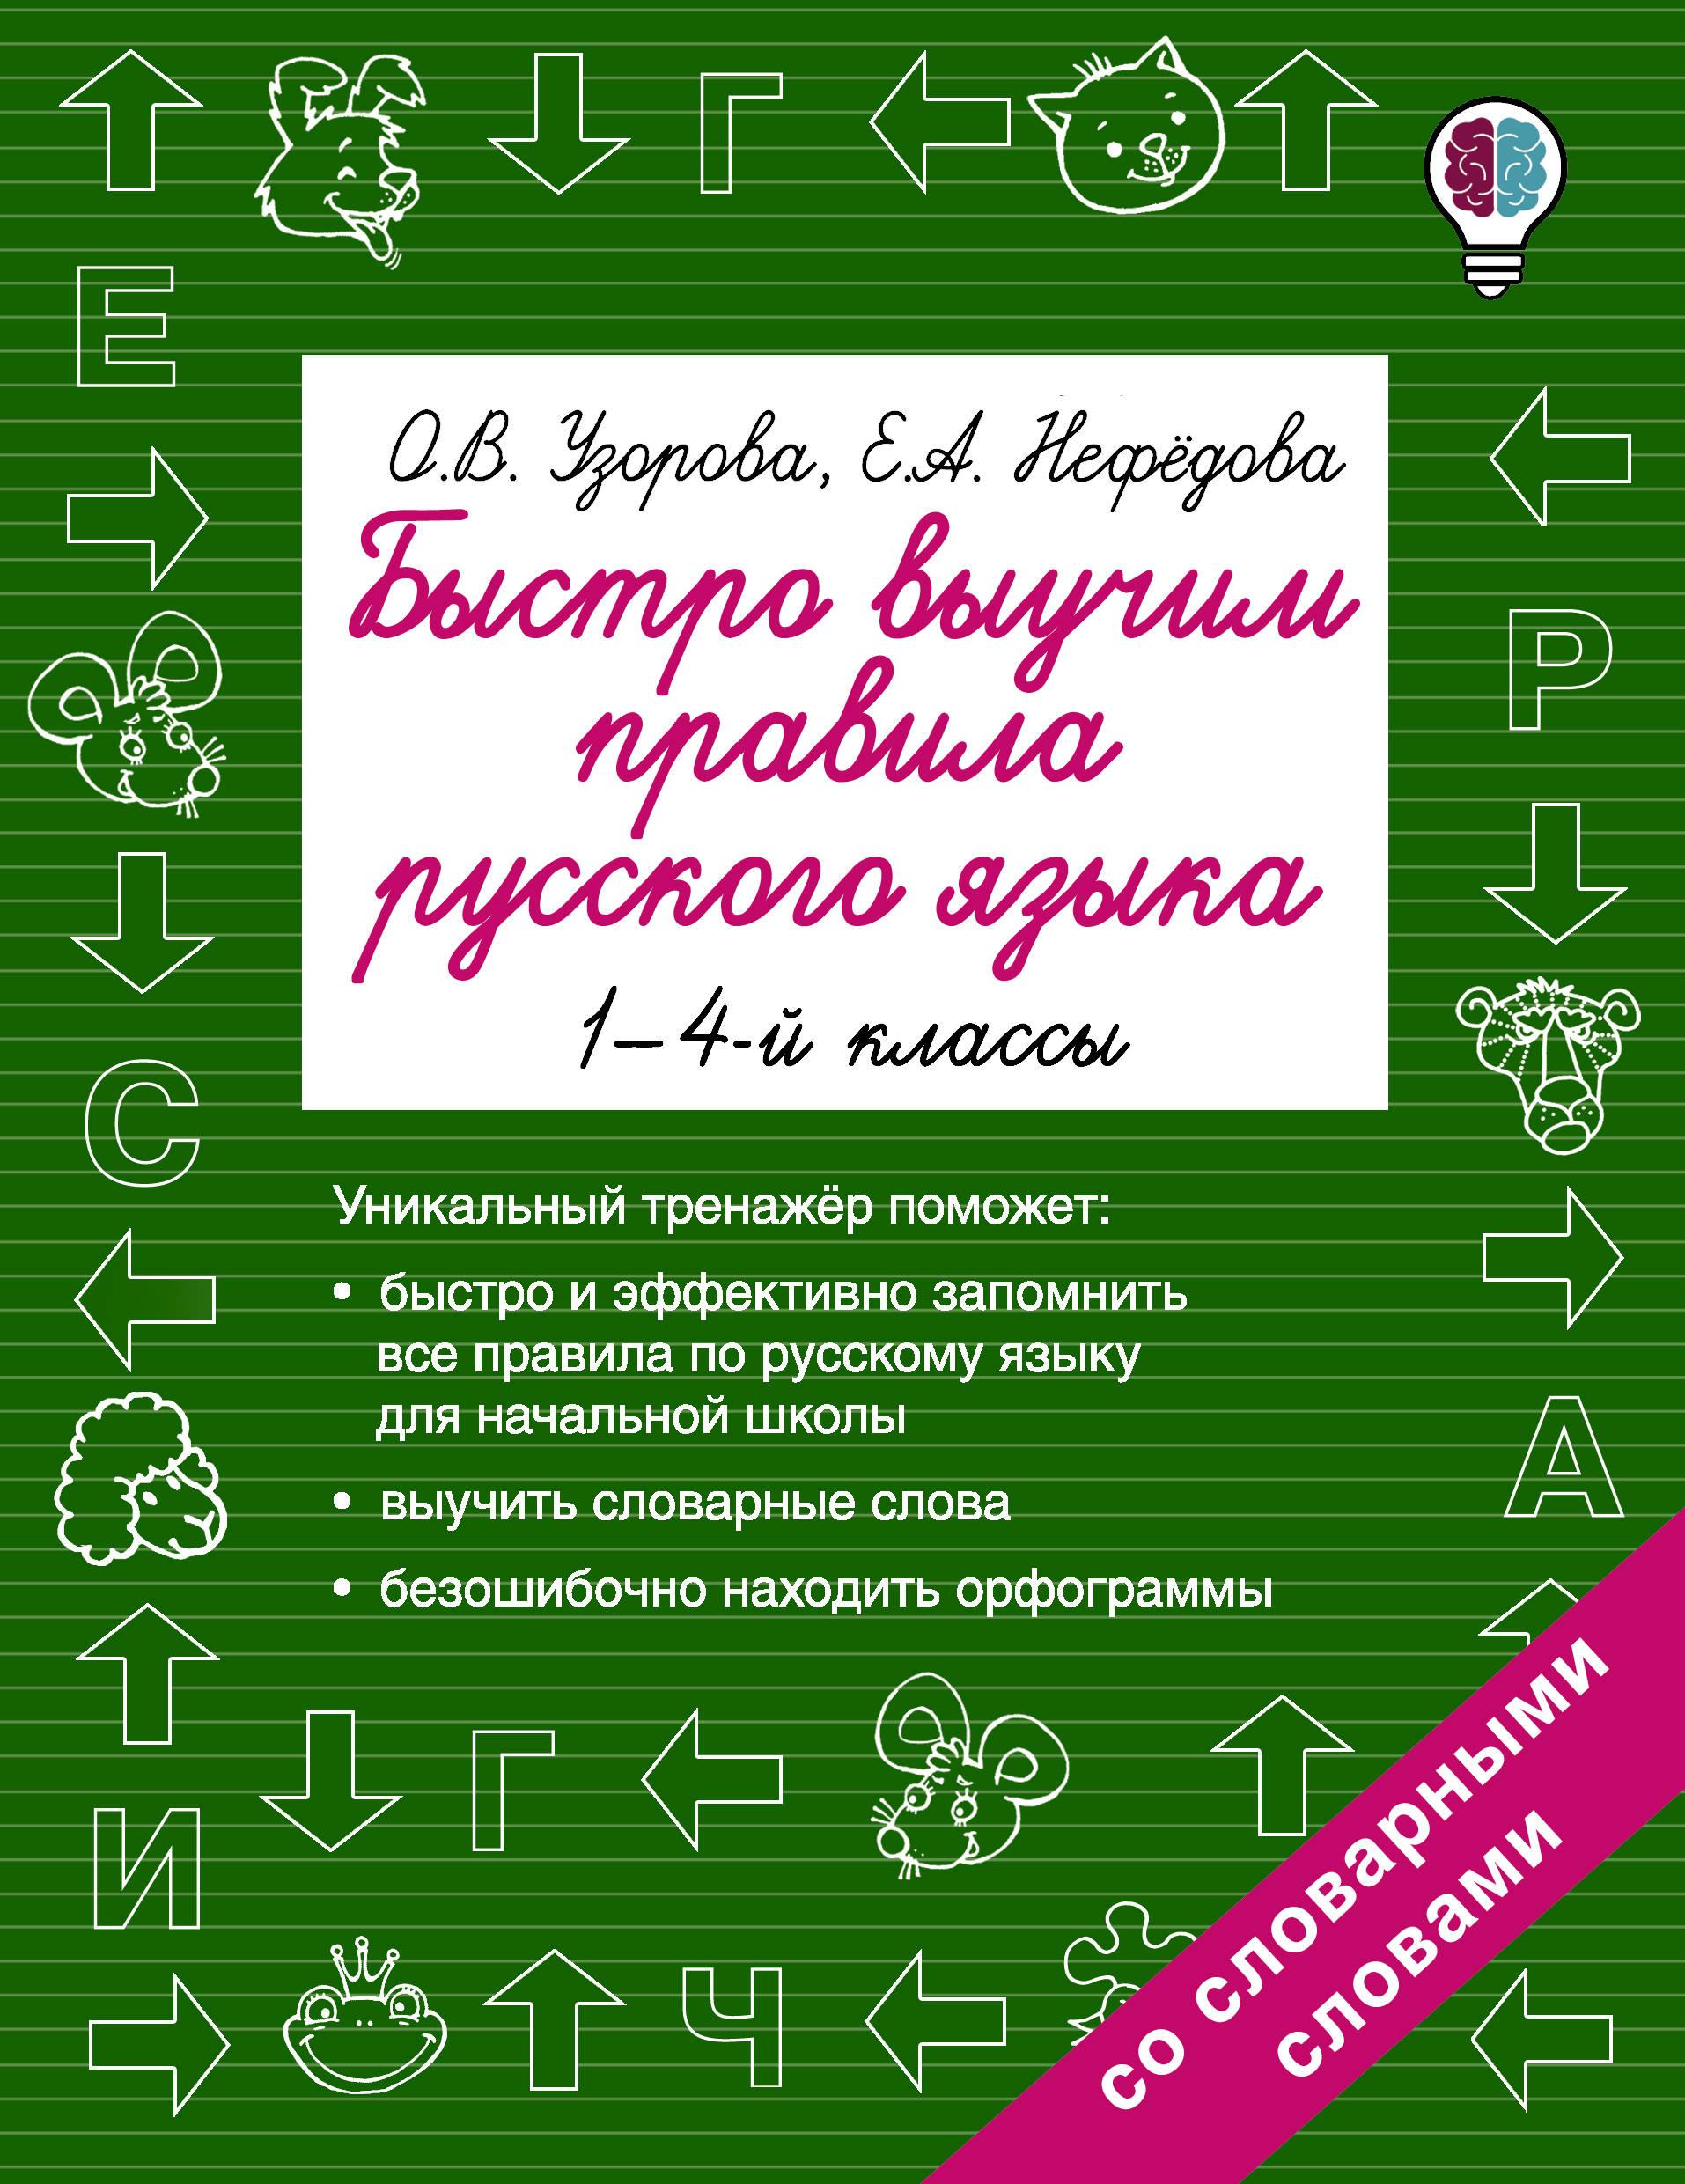 О. В. Узорова, Е. А. Нефедова Быстро выучим правила русского языка. 1-4 классы